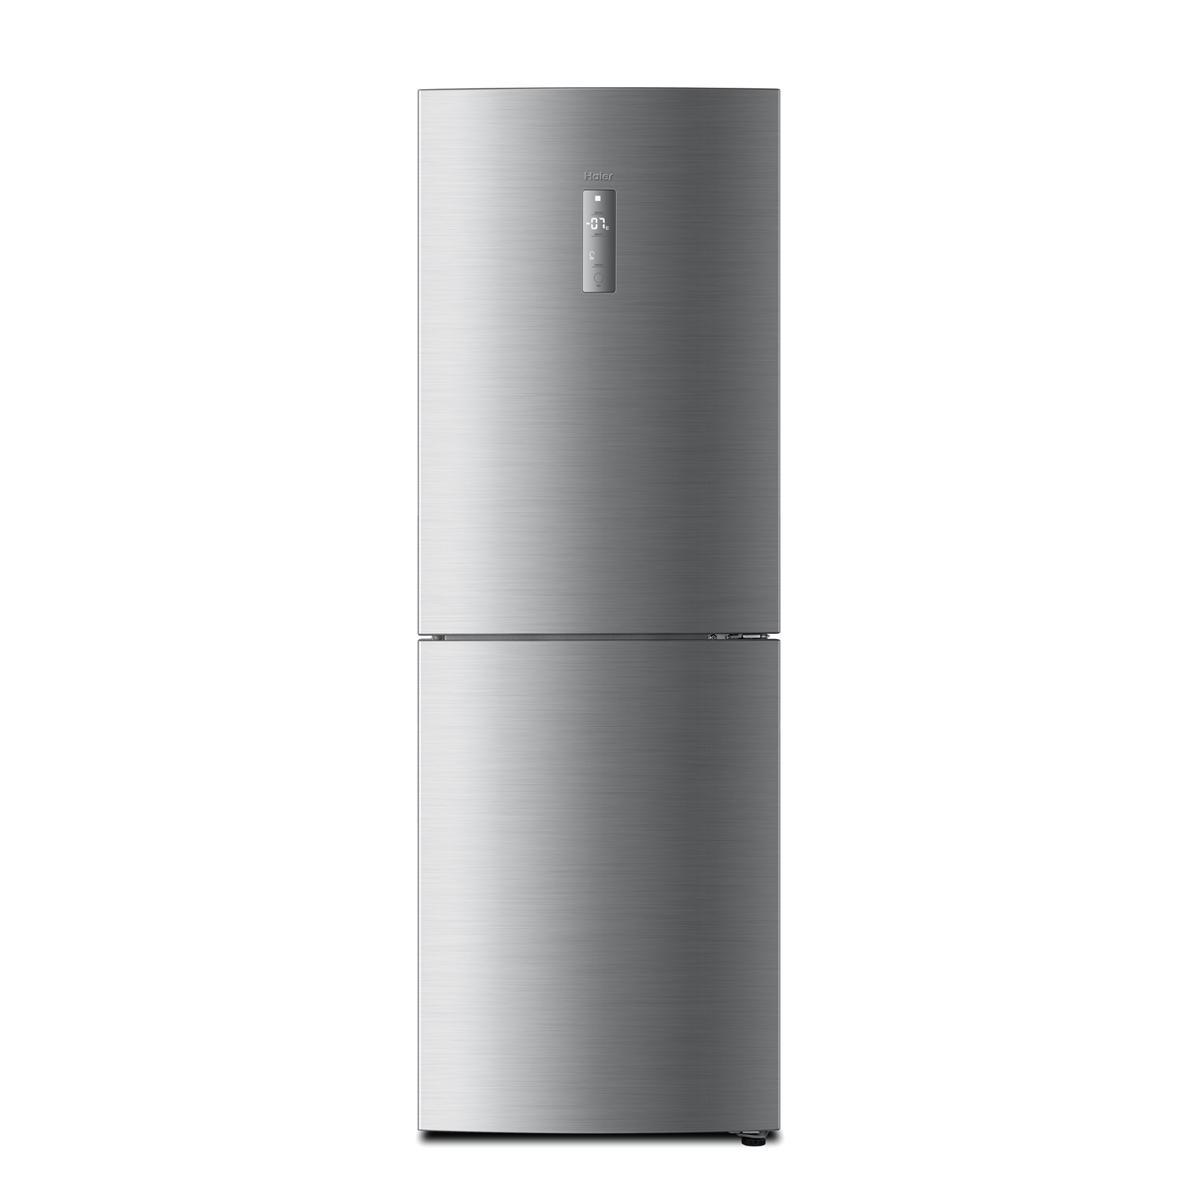 海尔Haier冰箱 BCD-241WDBB 说明书